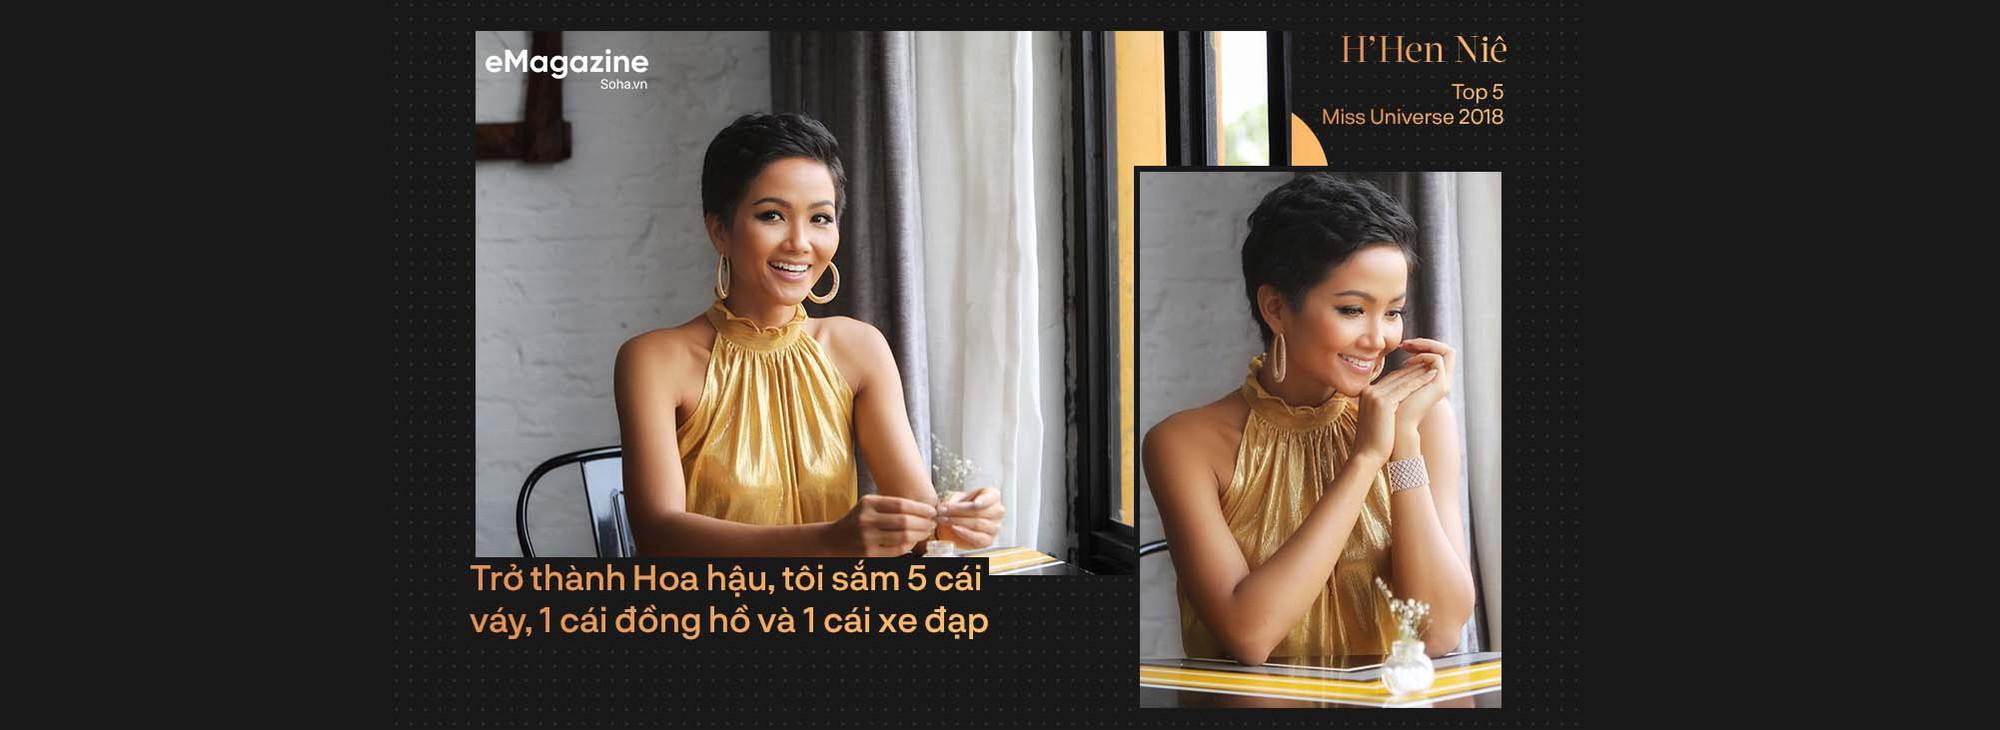 H'Hen Niê: Hoa hậu hoang dã, điên, khùng và nghèo nhất Việt Nam! - Ảnh 21.